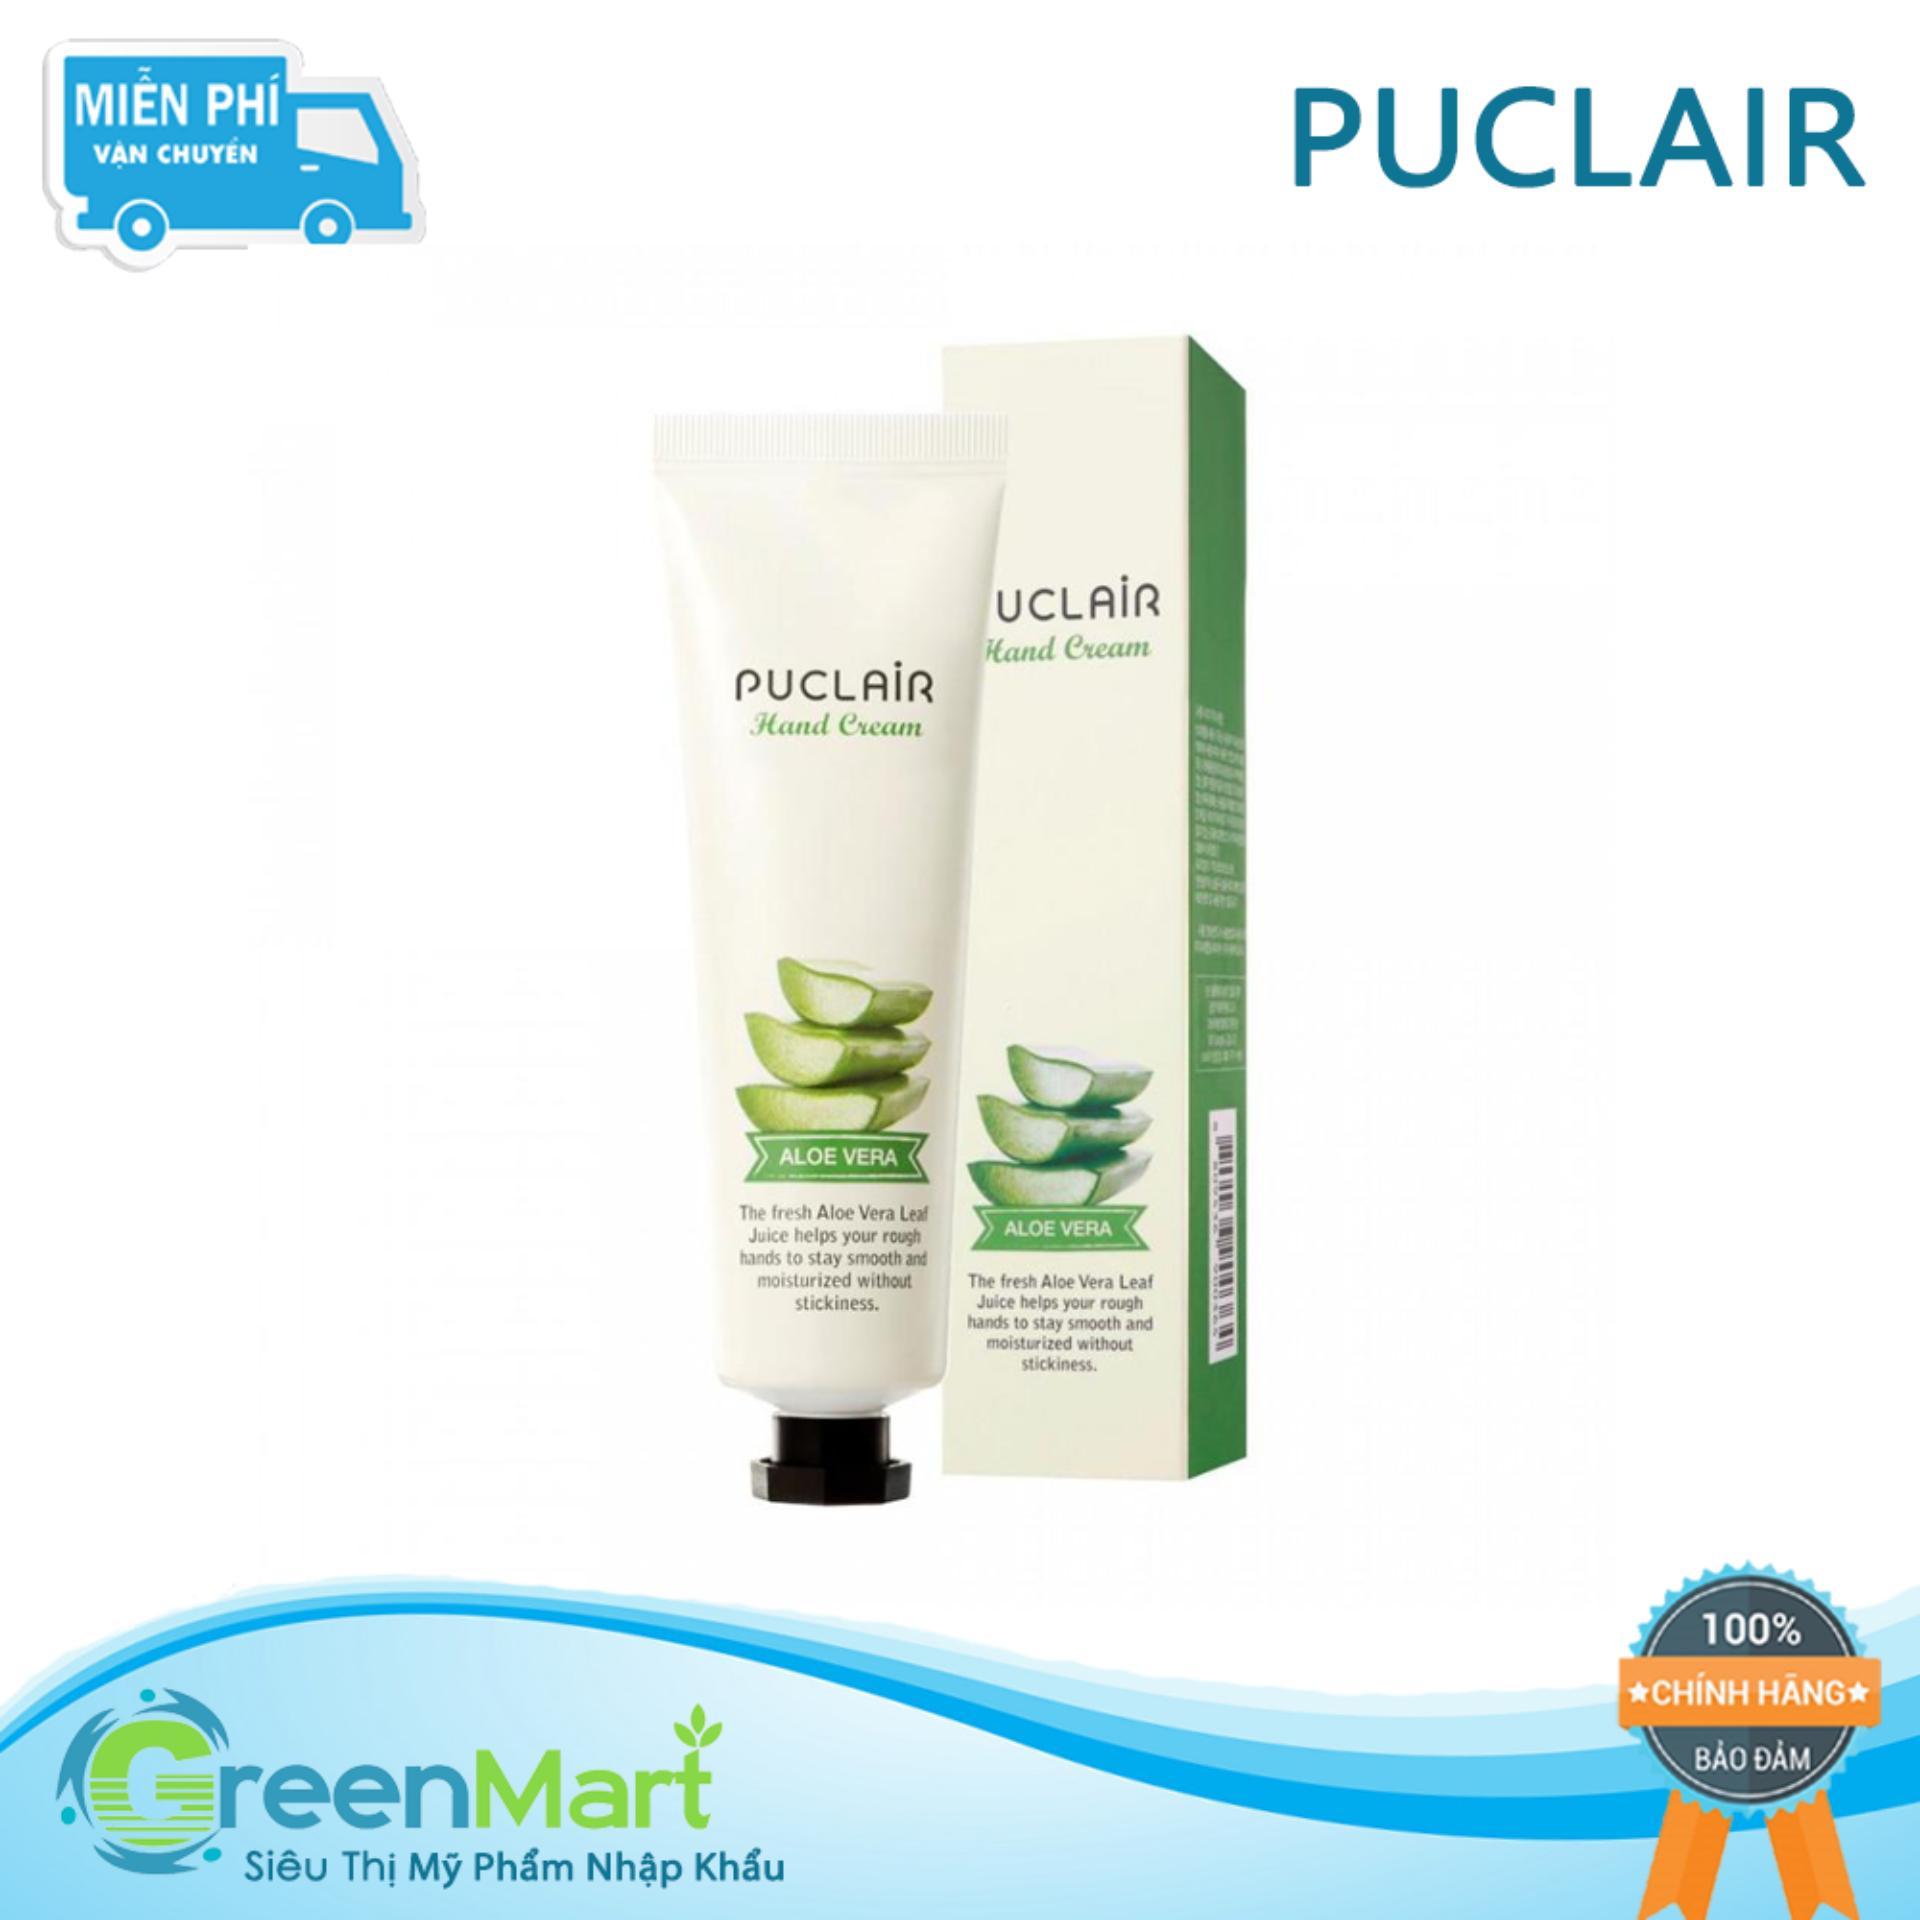 Kem dưỡng tay trị khô nẻ Hàn Quốc Puclair Hand Cream 50ml - Lô hội chính hãng